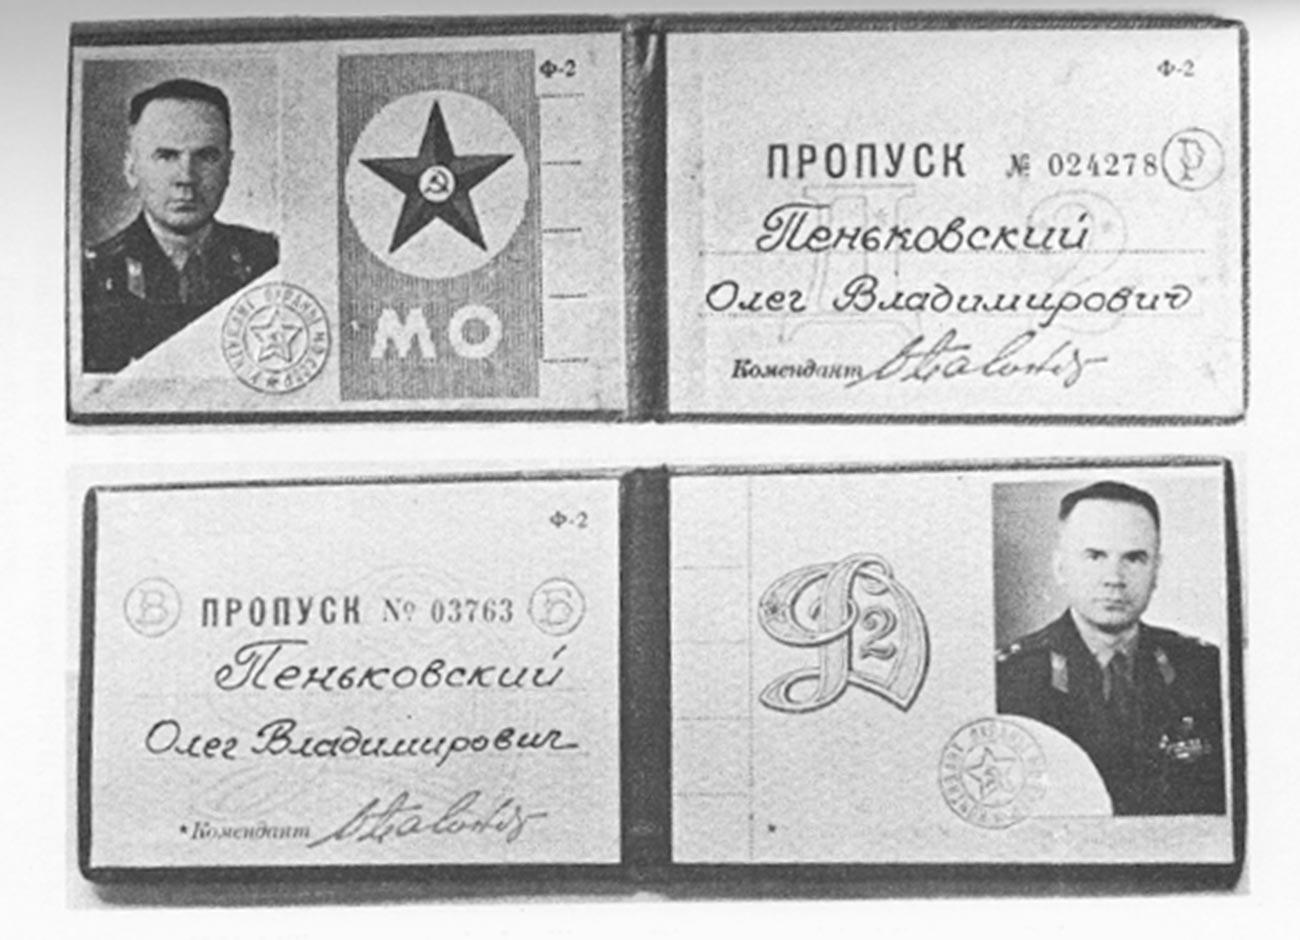 Пропуск Пеньковского в здание Министерства обороны СССР.